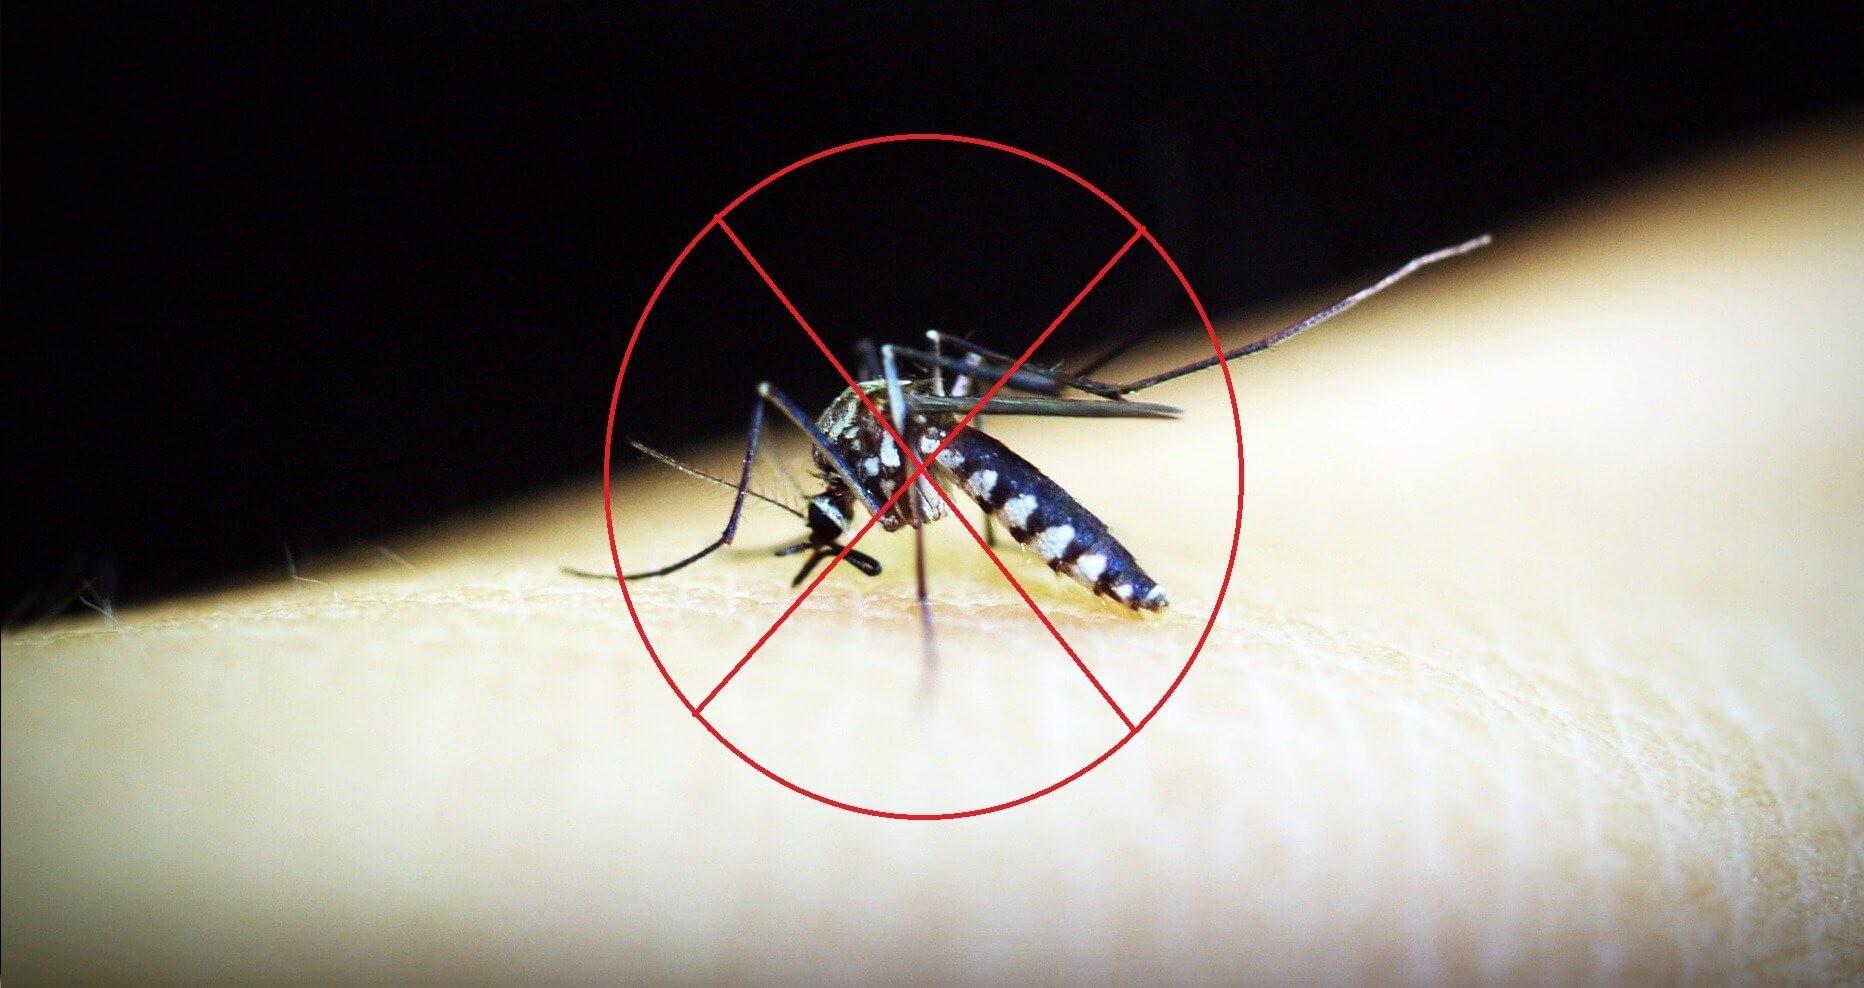 Cách sử dụng bình xịt muỗi đúng chuẩn, an toàn